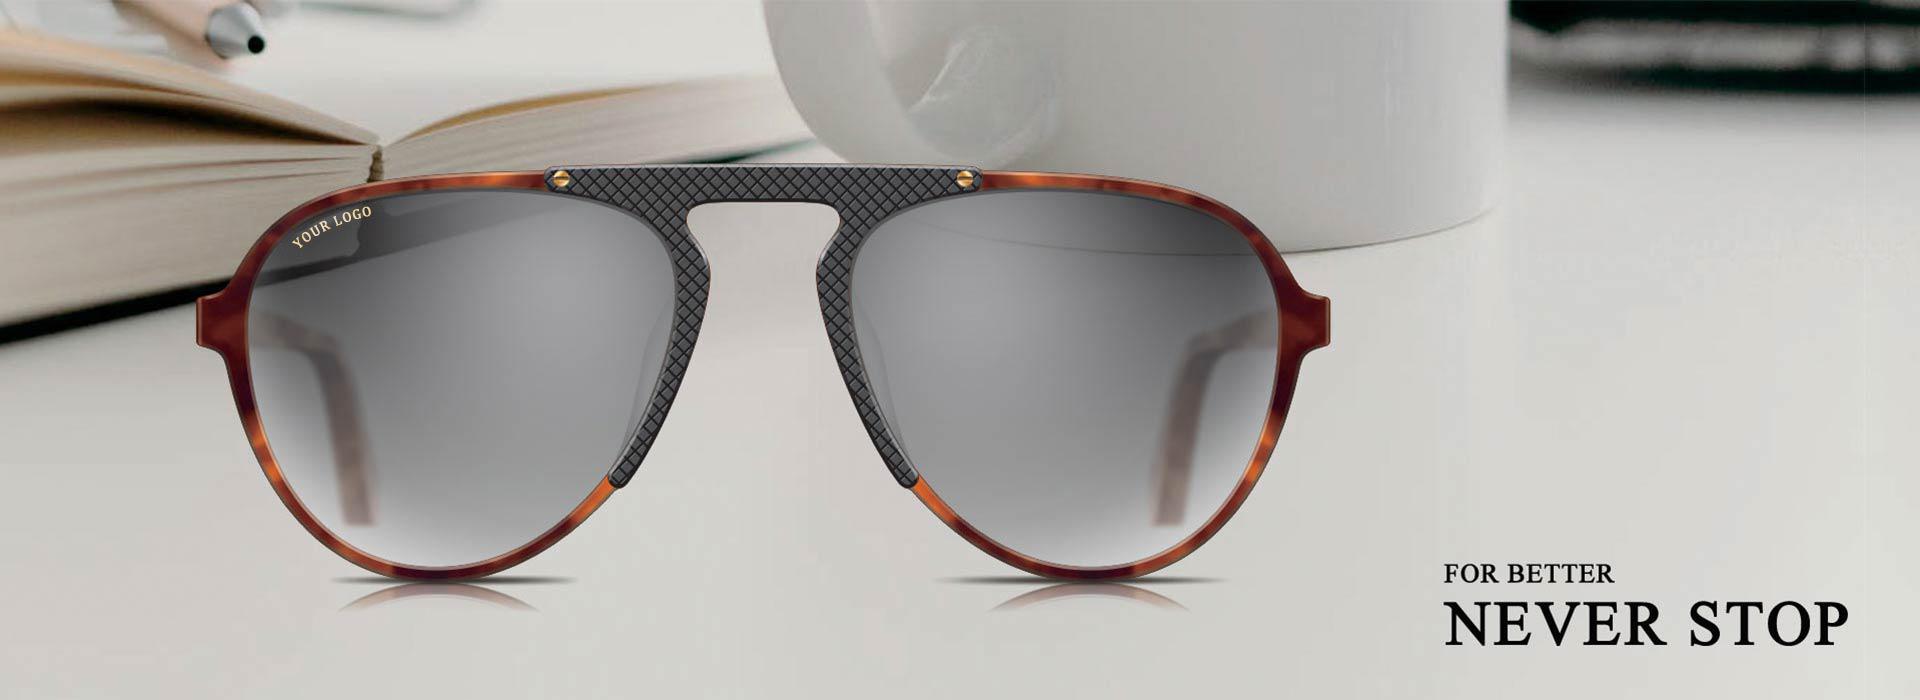 eyewear manufacturer with eyewear design